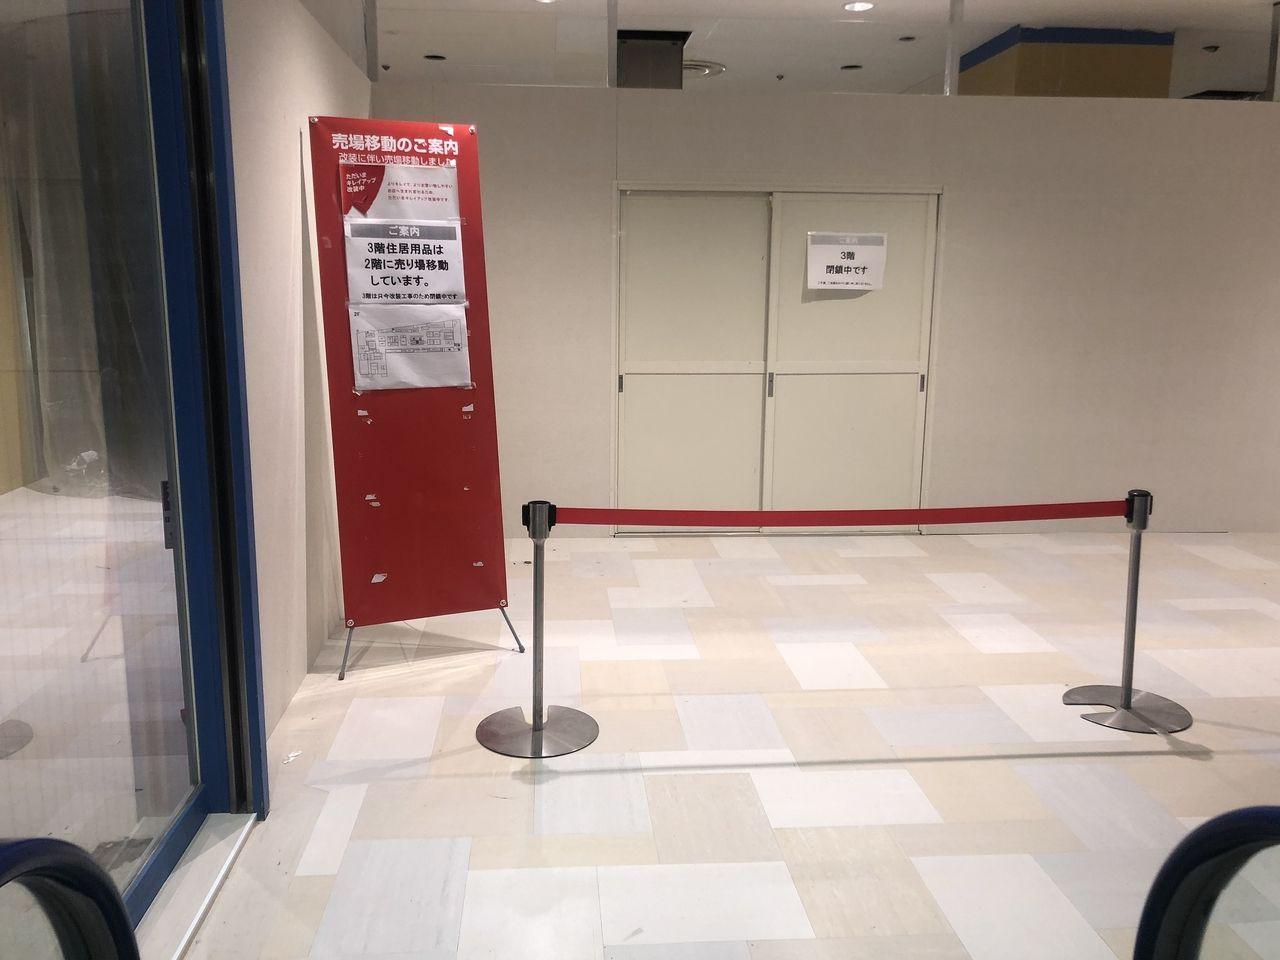 10月下旬にリニューアルオープンするそうですよ~「西友行徳店3階」☆